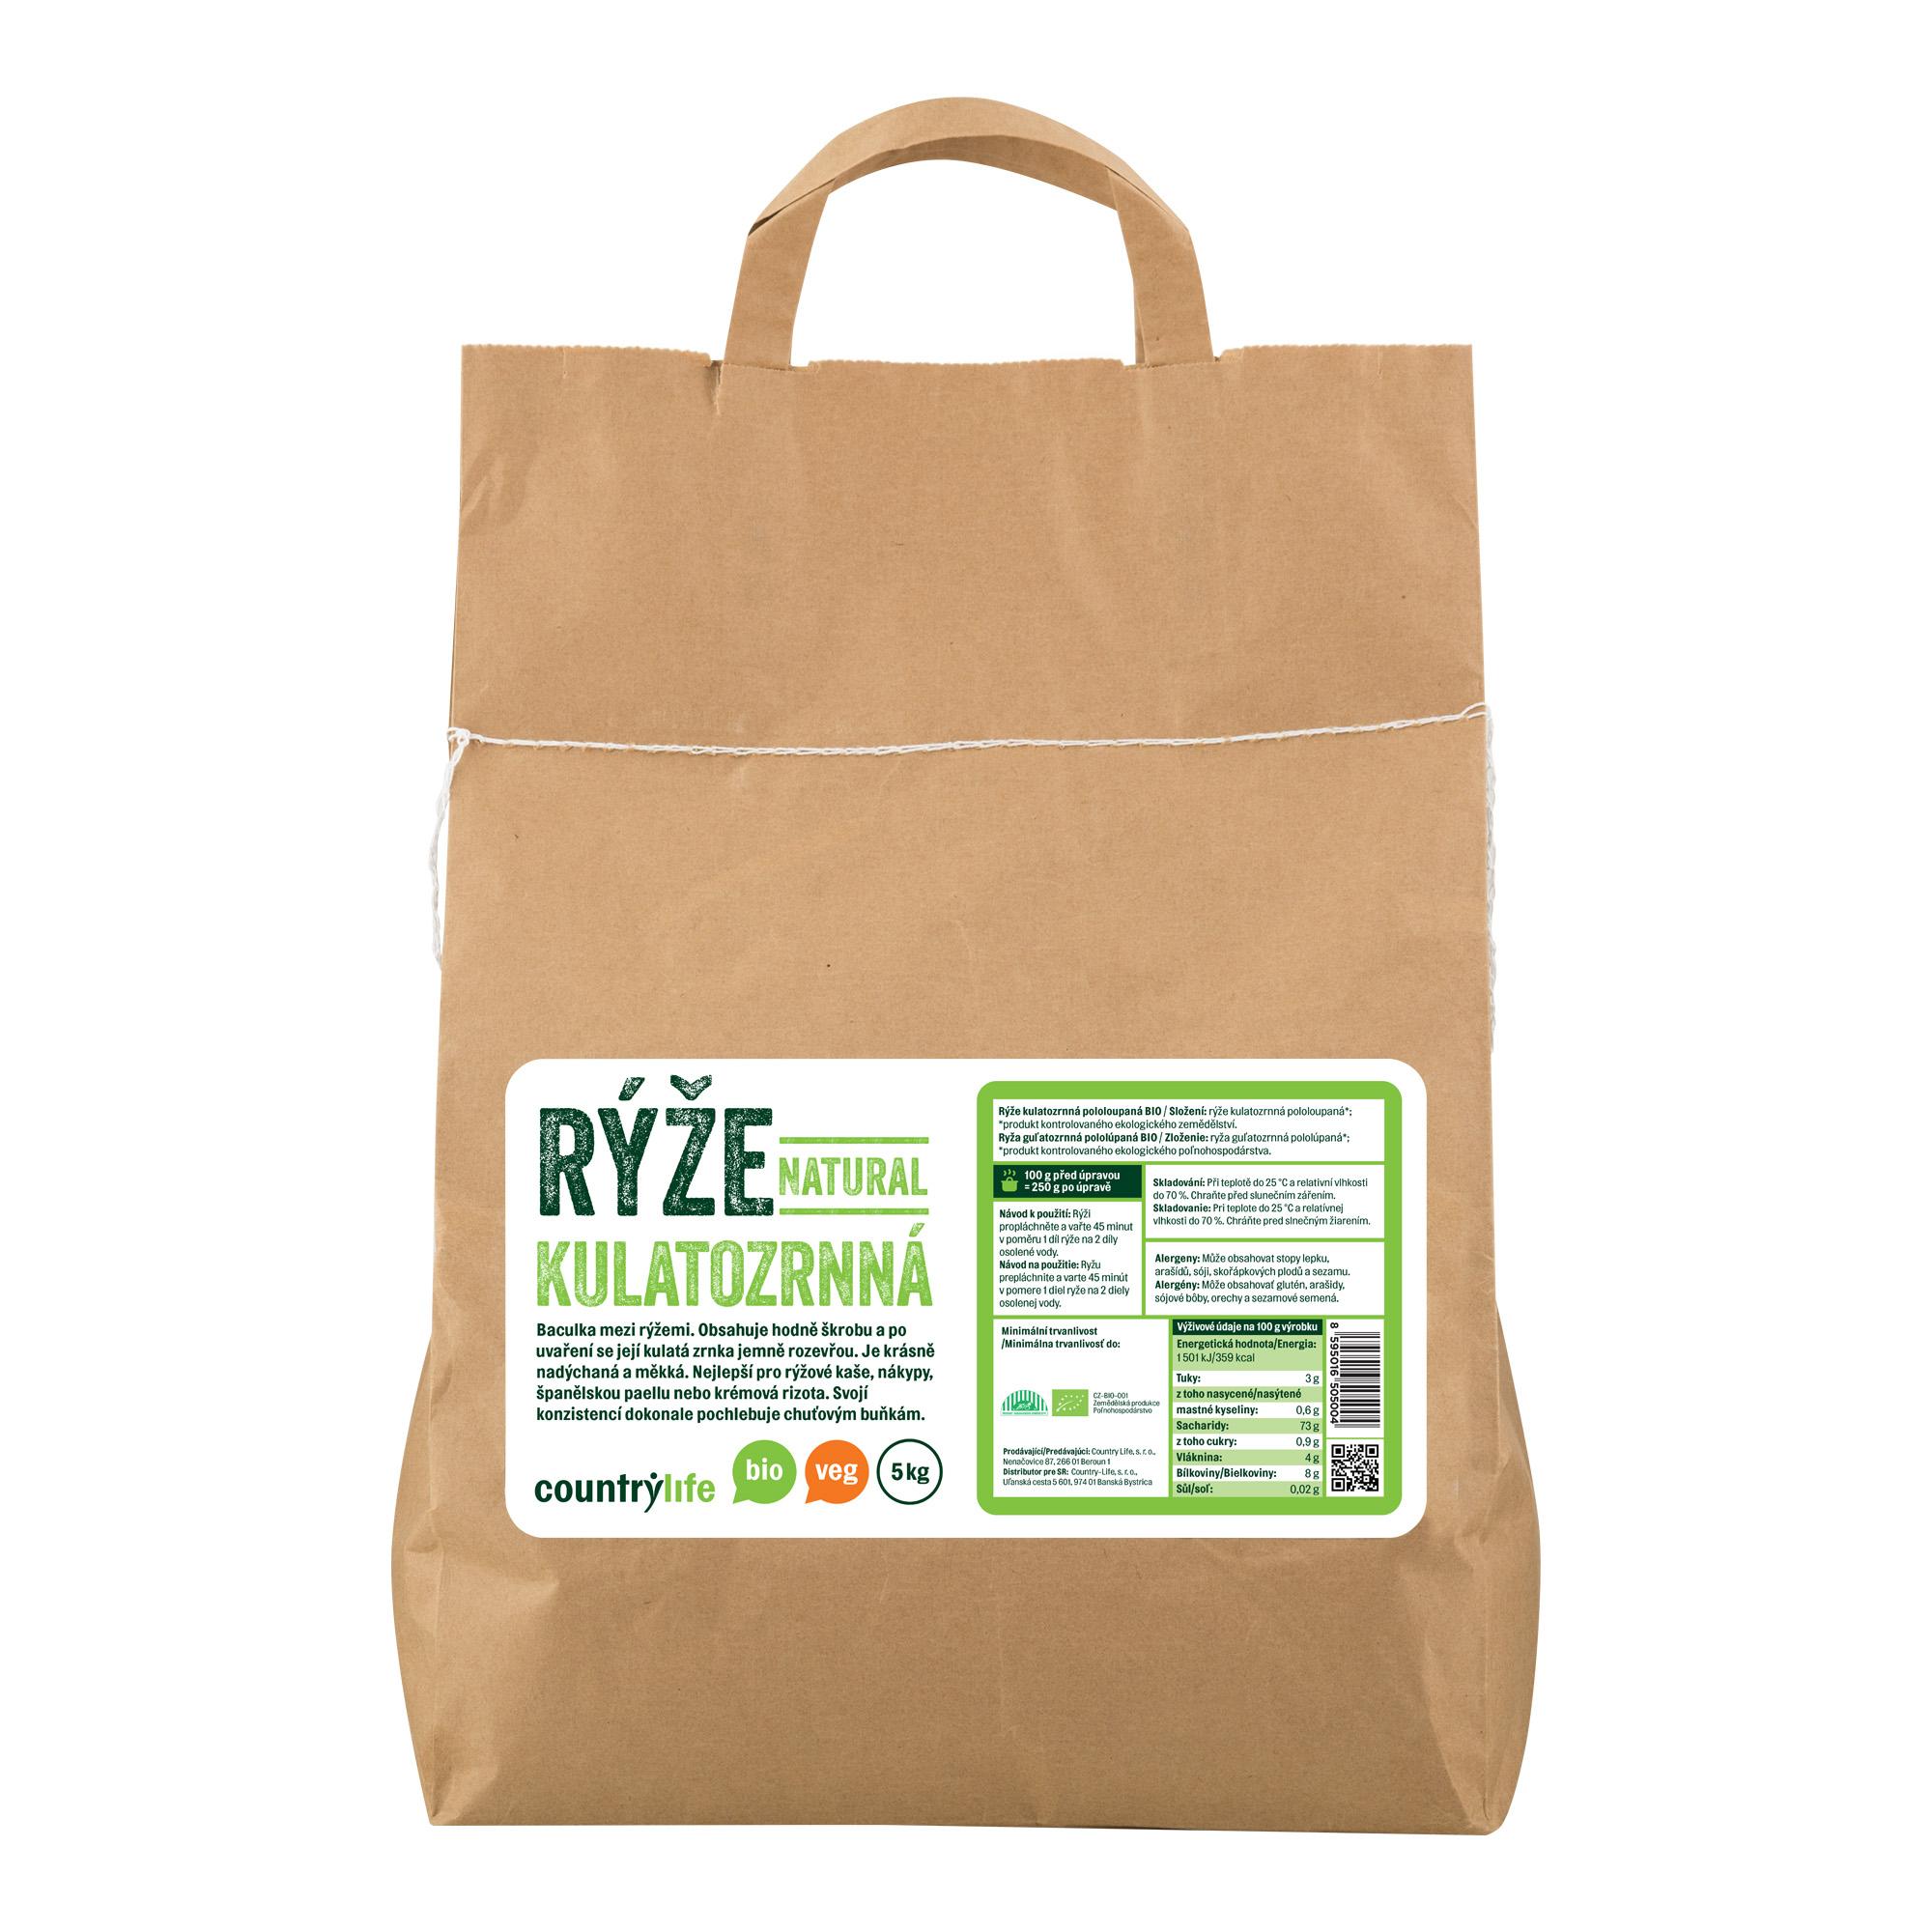 Rýže kulatozrnná natural 5kg BIO   COUNTRYLIFE